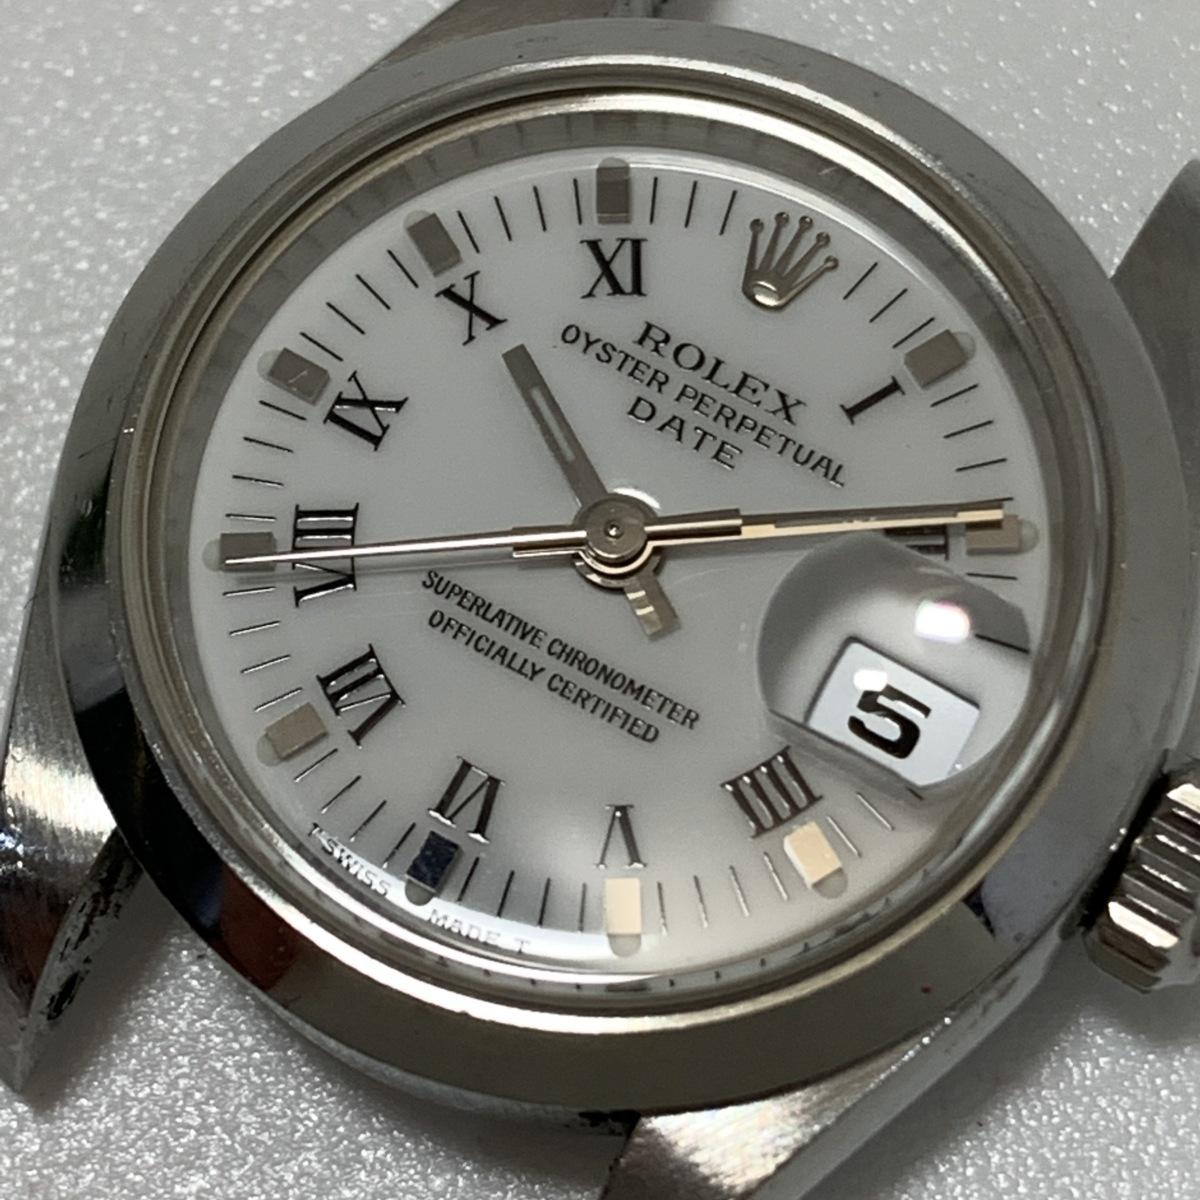 1円~ ロレックス Rolex オイスターパーペチュアル デイト A番 純正78240 69160 レディー